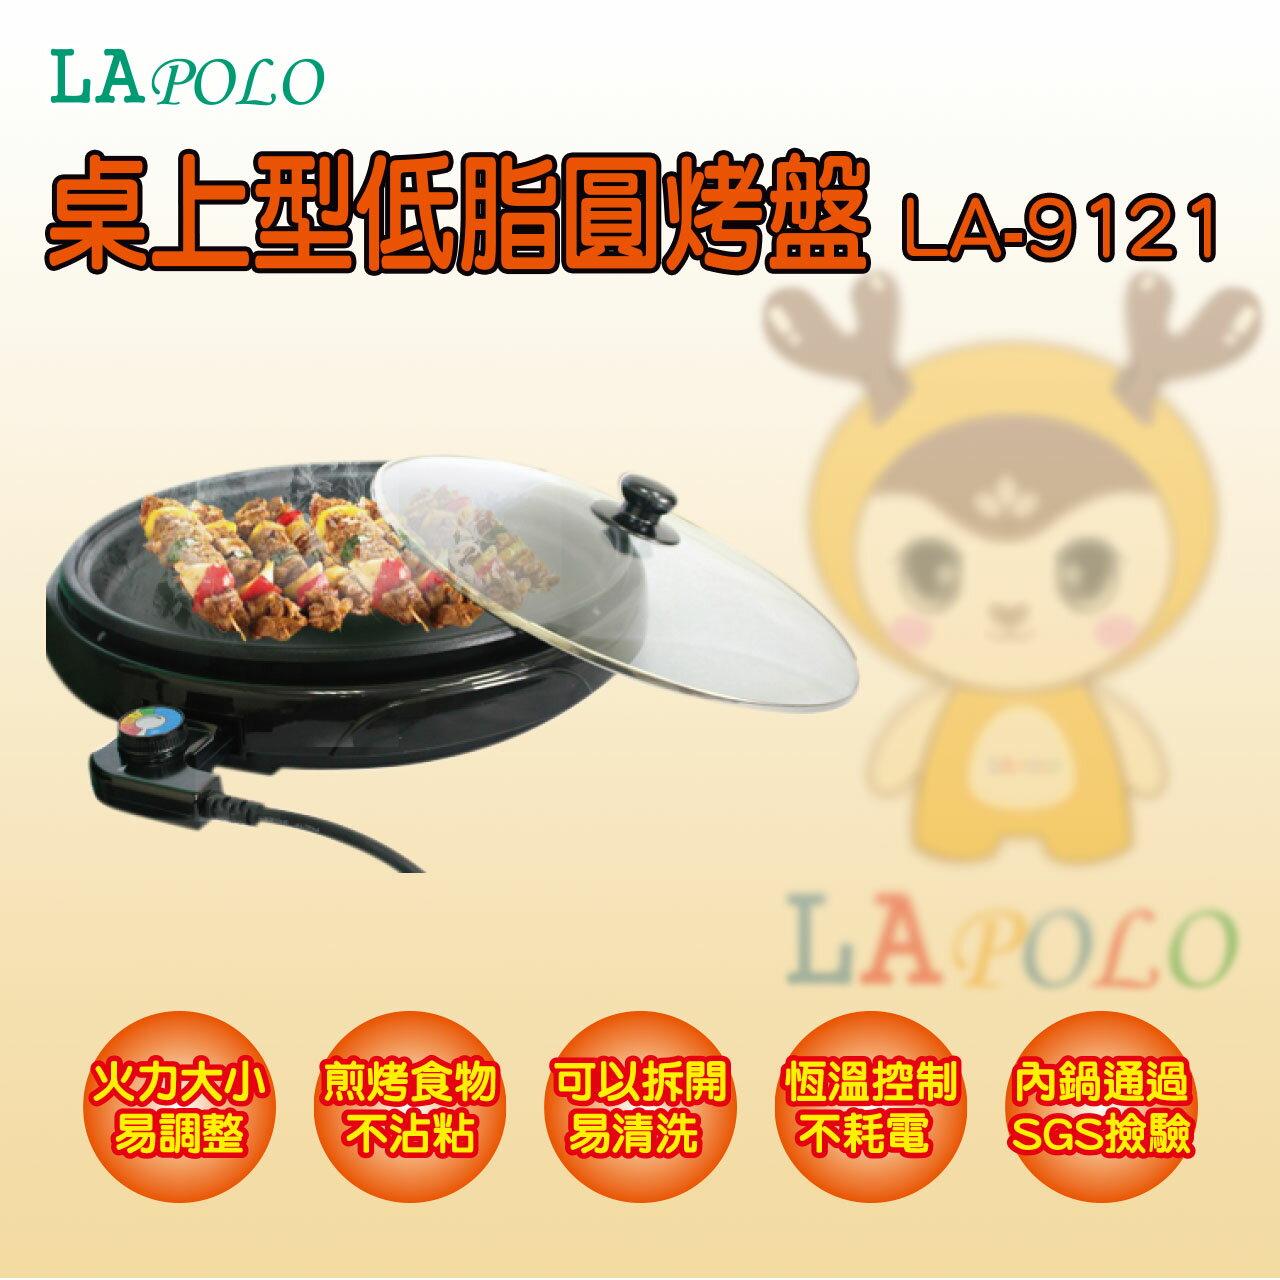 《買多更優惠》【LAPOLO藍普諾】低脂圓烤盤 LA-9121